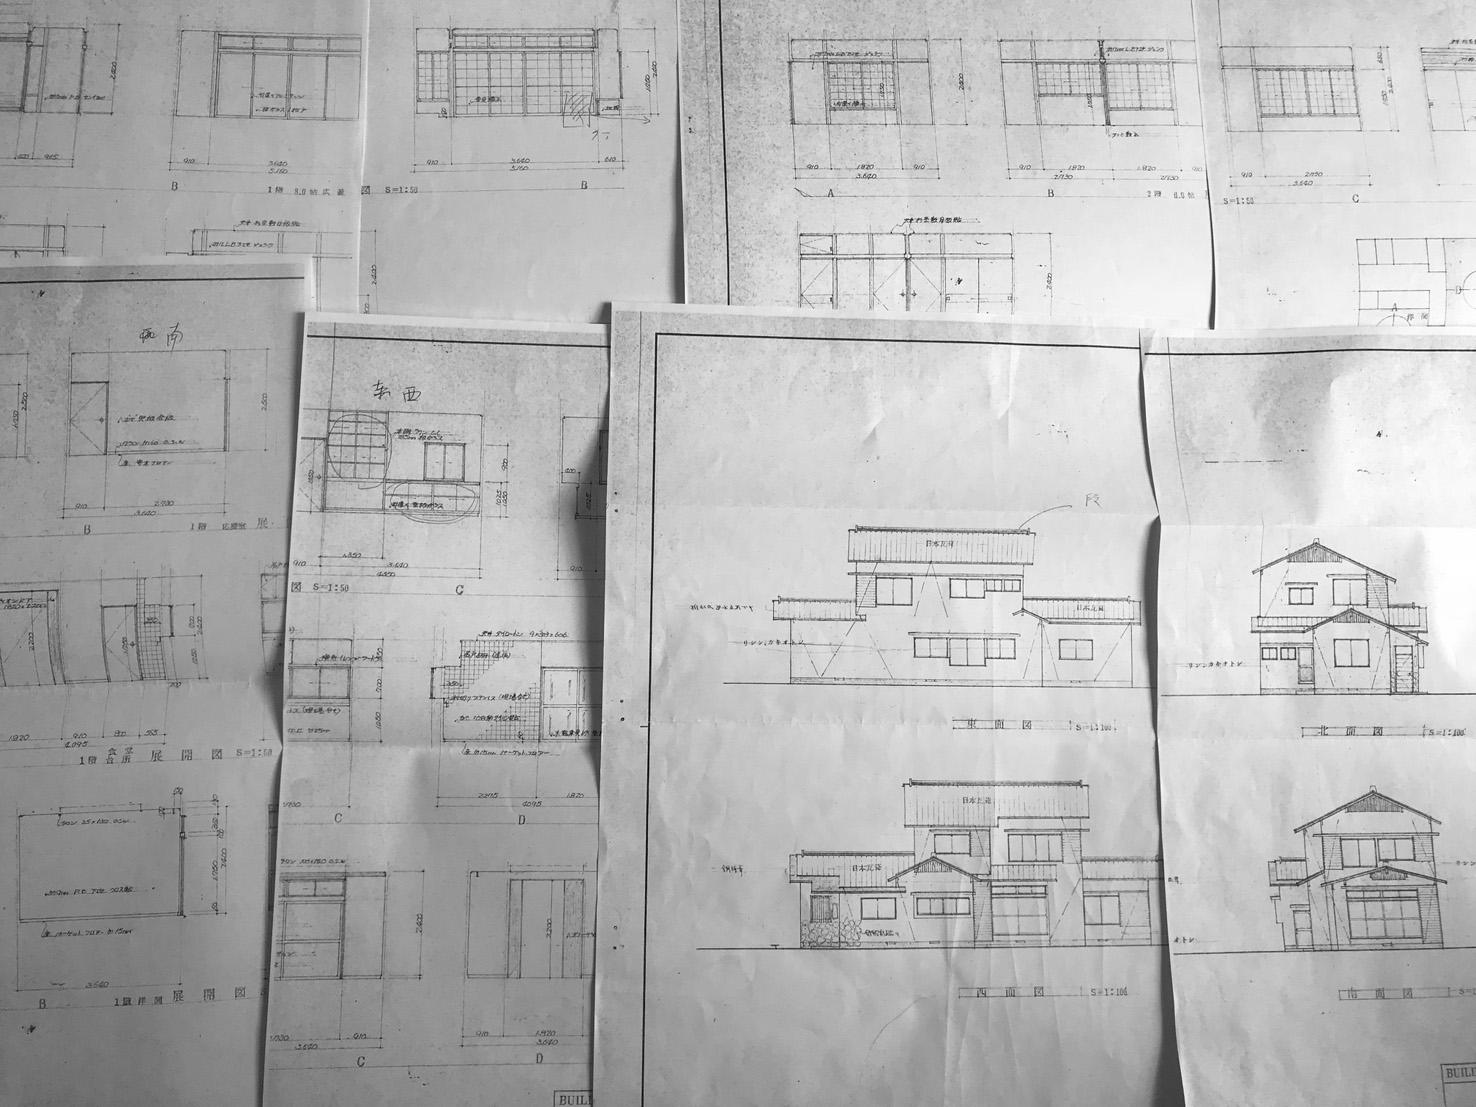 戸建リノベーション リノベーション デザイン リノベ インテリアデザイン 静岡市ノベーション デザイン リノベ インテリアデザイン 静岡市